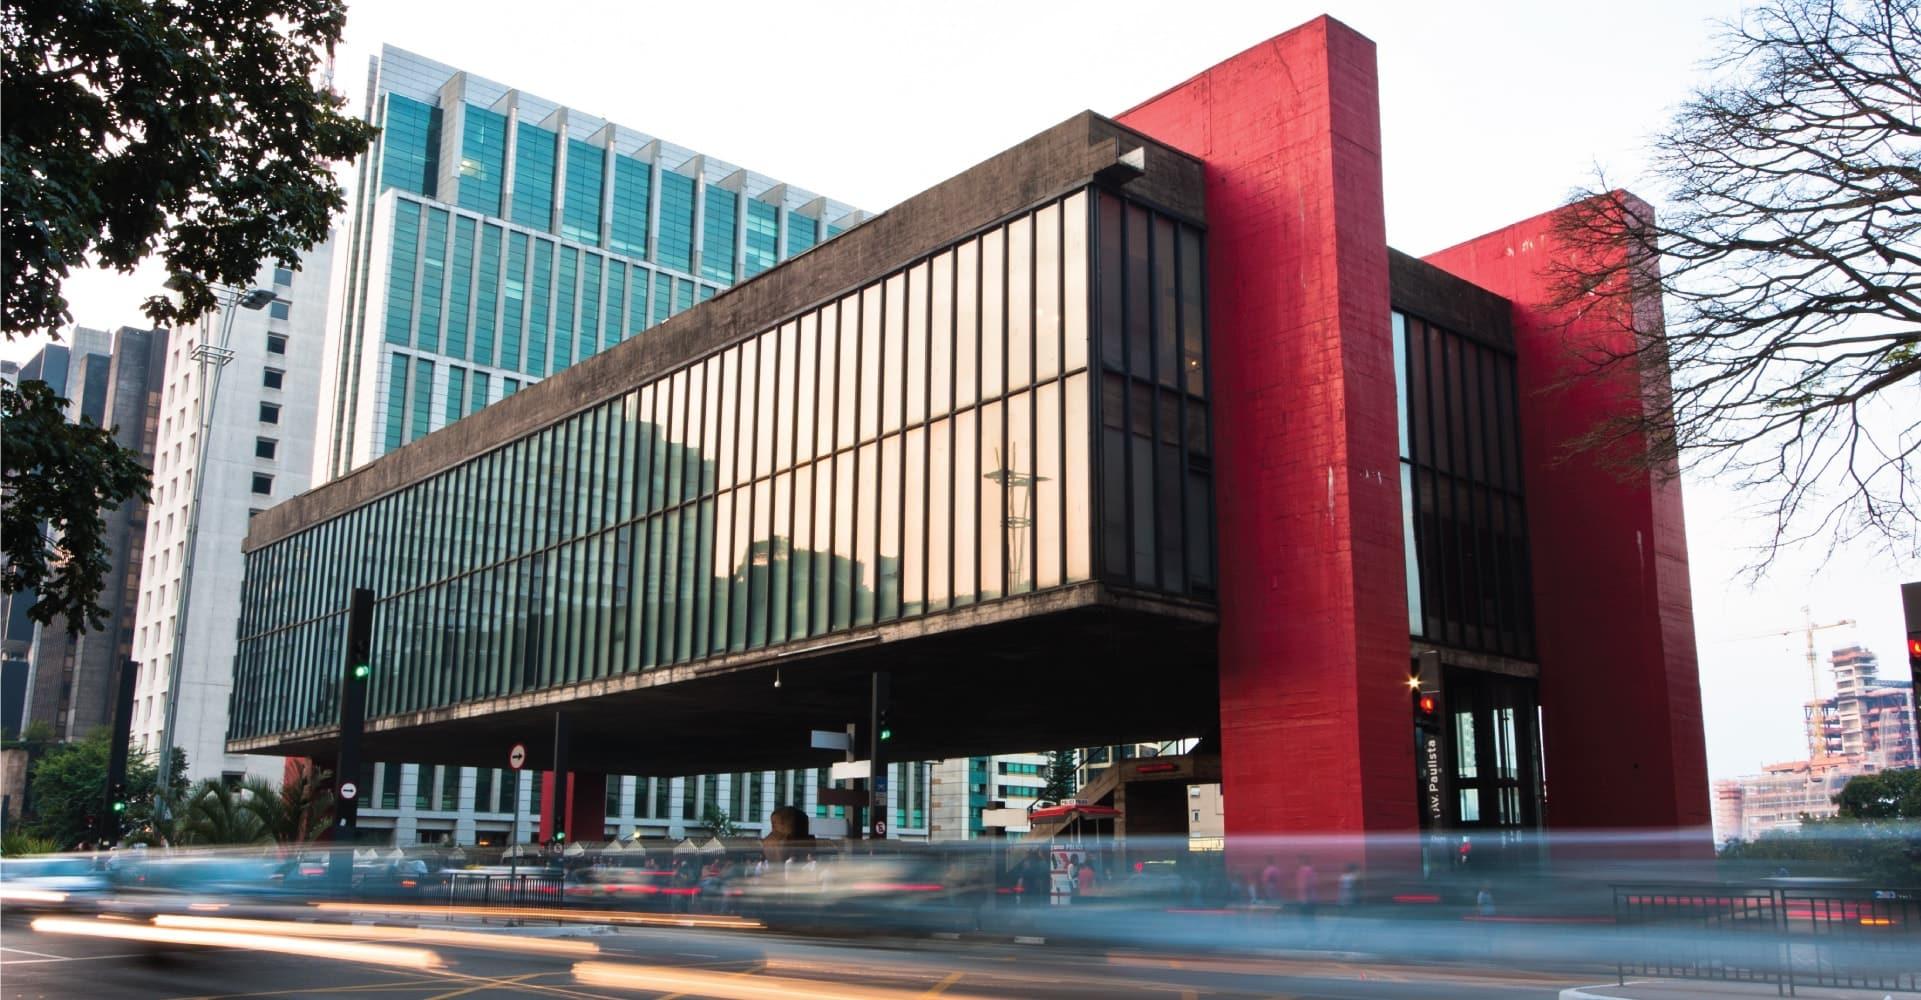 تجول داخل متاحف العالم دون سفر - متحف الفنون بساو باولو